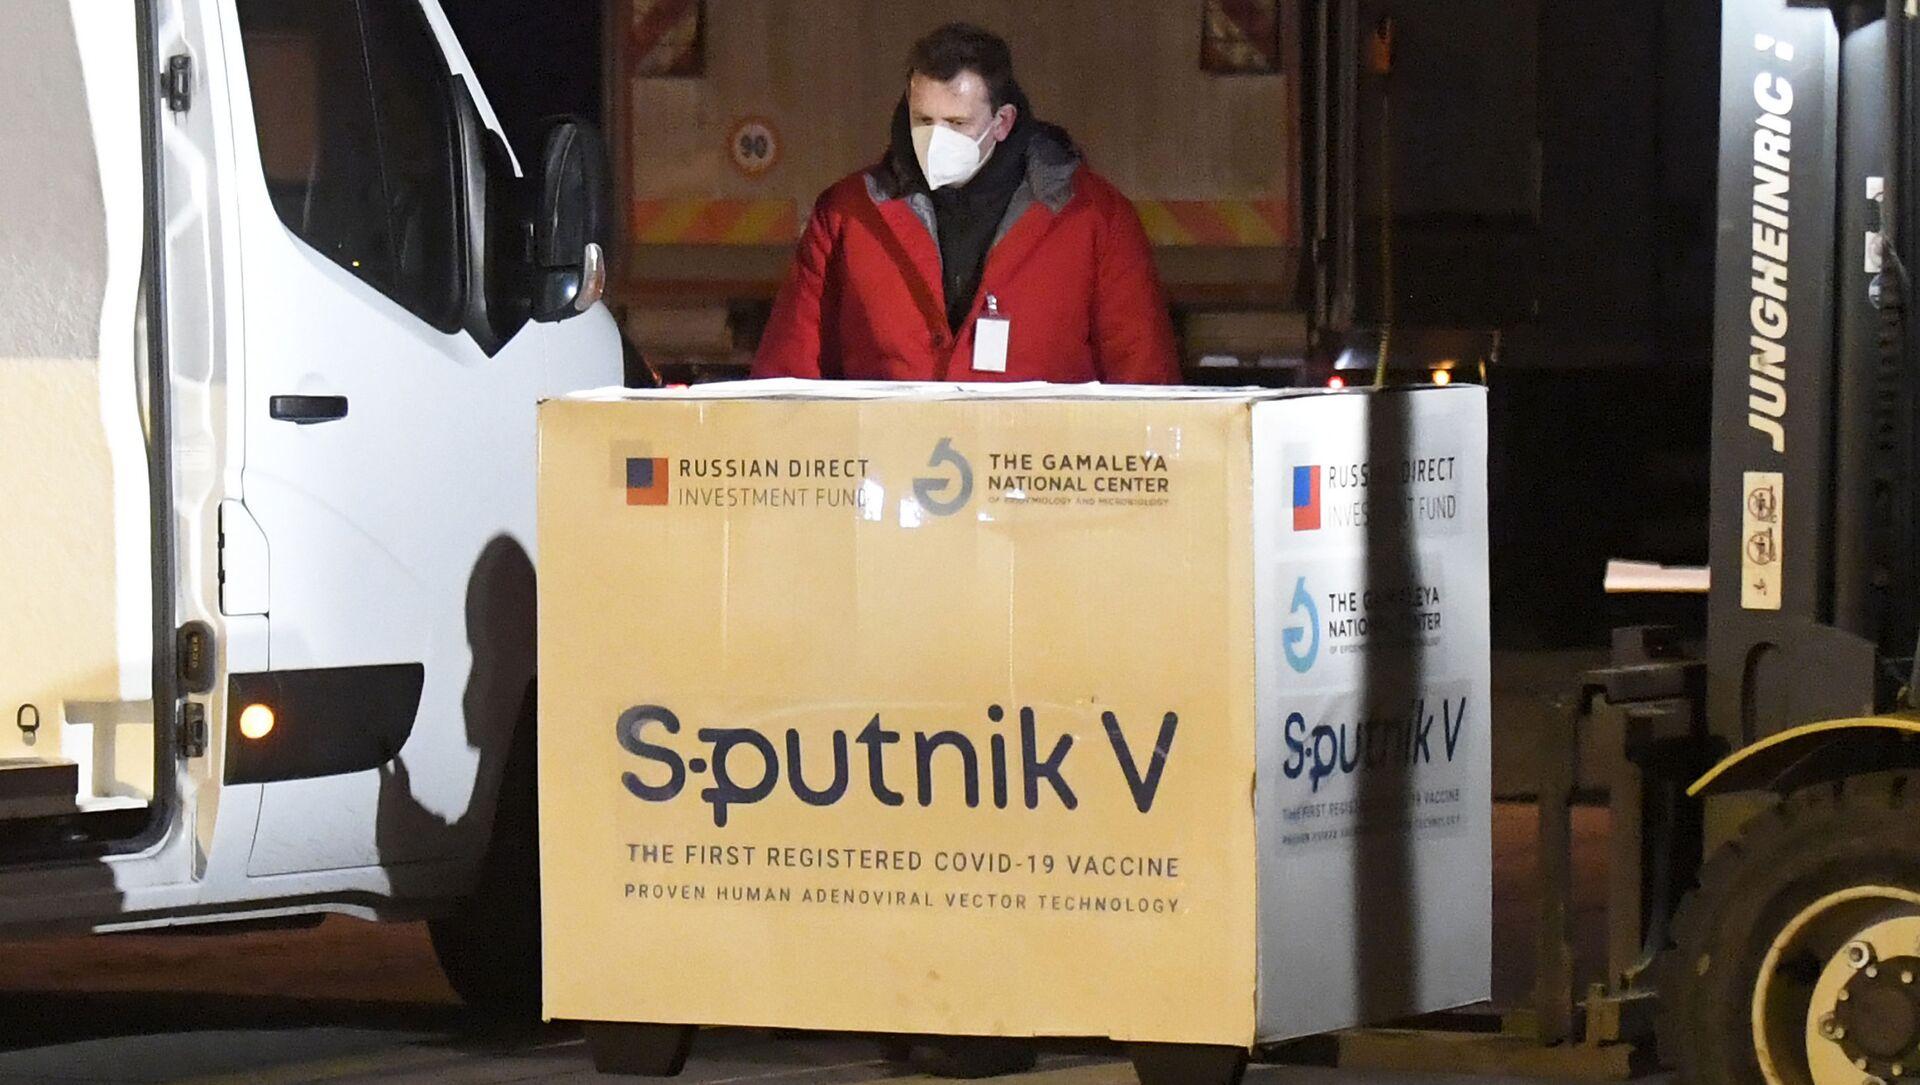 Szczepionka Sputnik V dostarczona na Słowację - Sputnik Polska, 1920, 04.03.2021